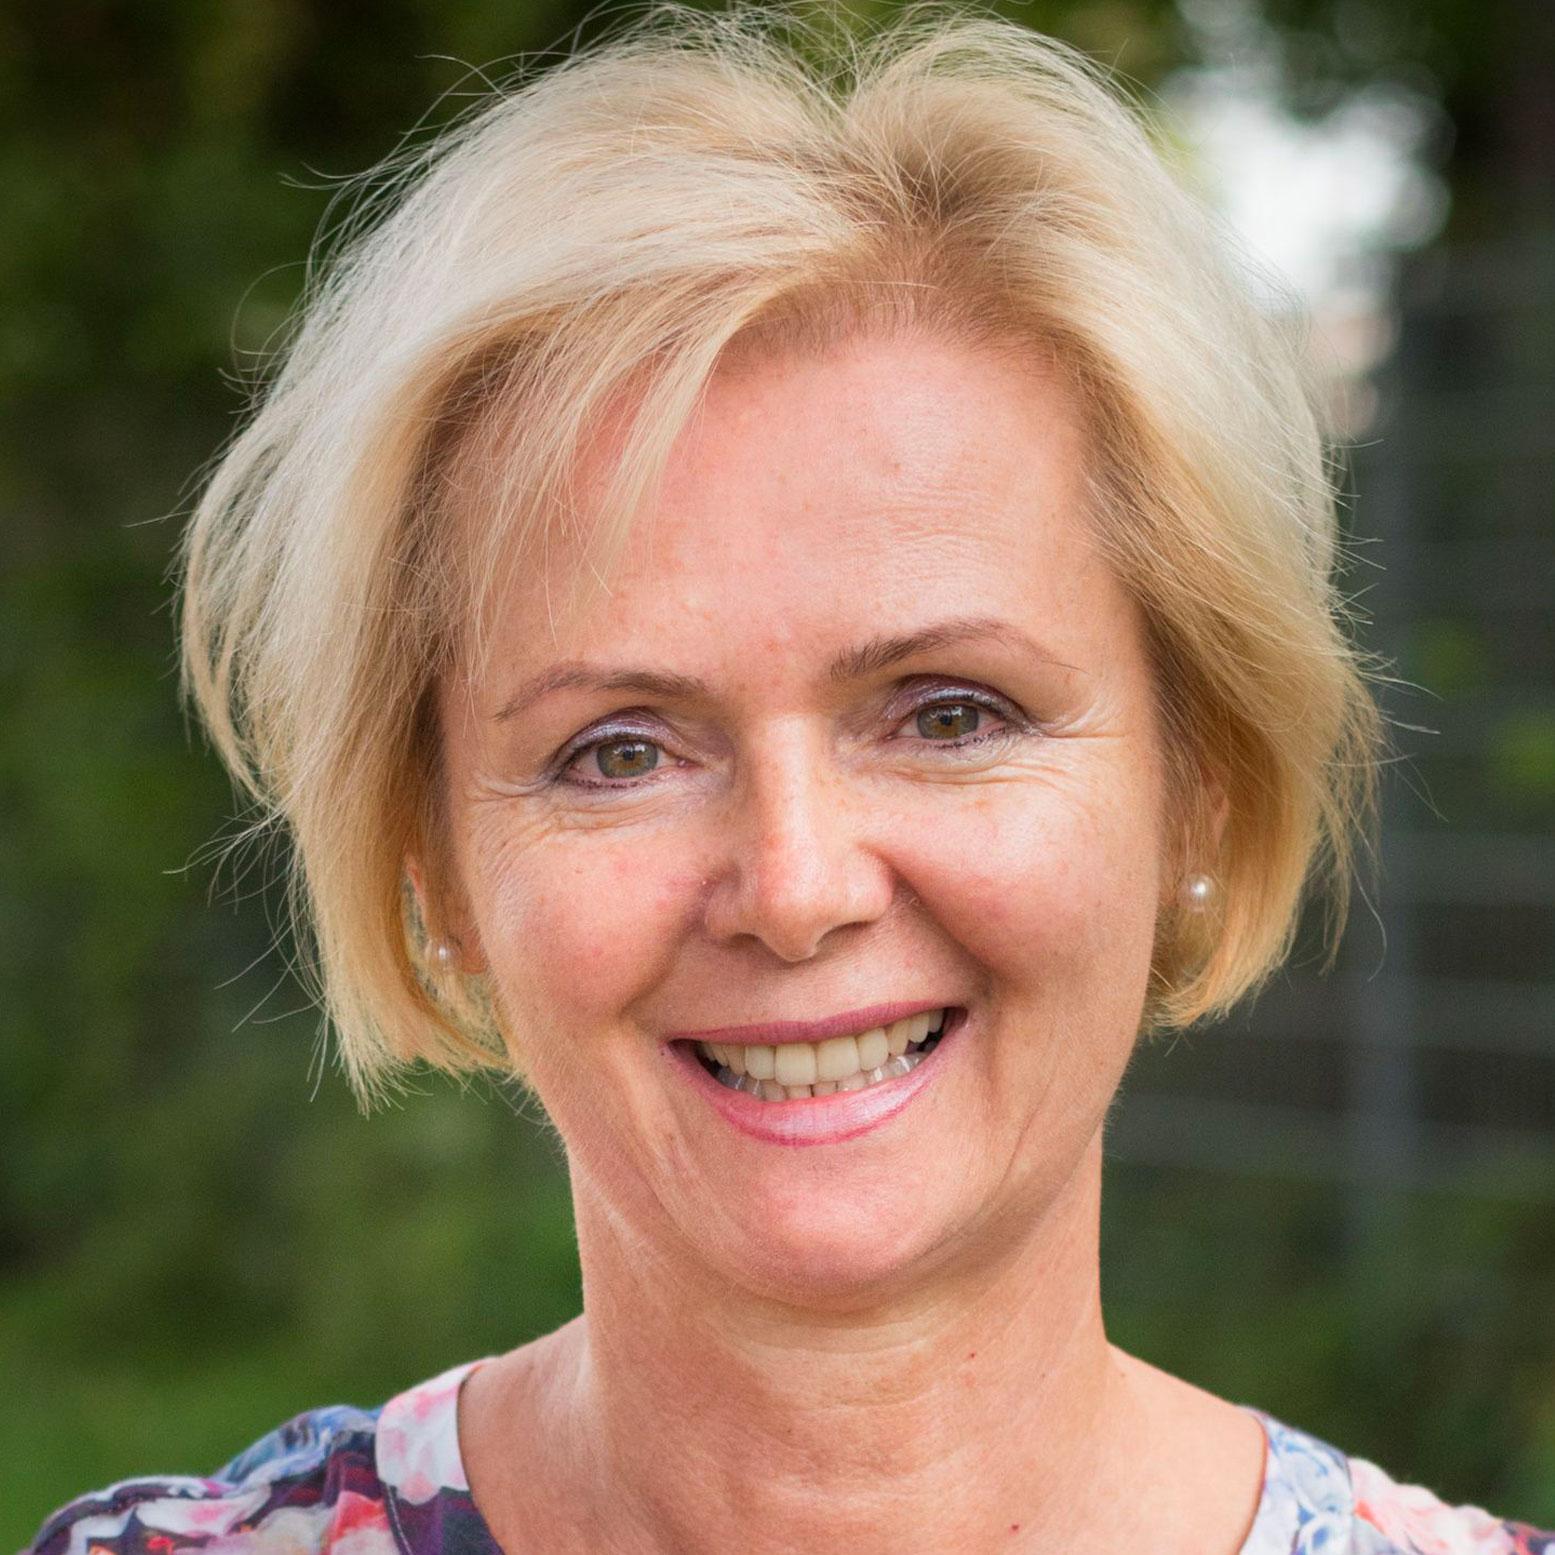 Frau Wetzl